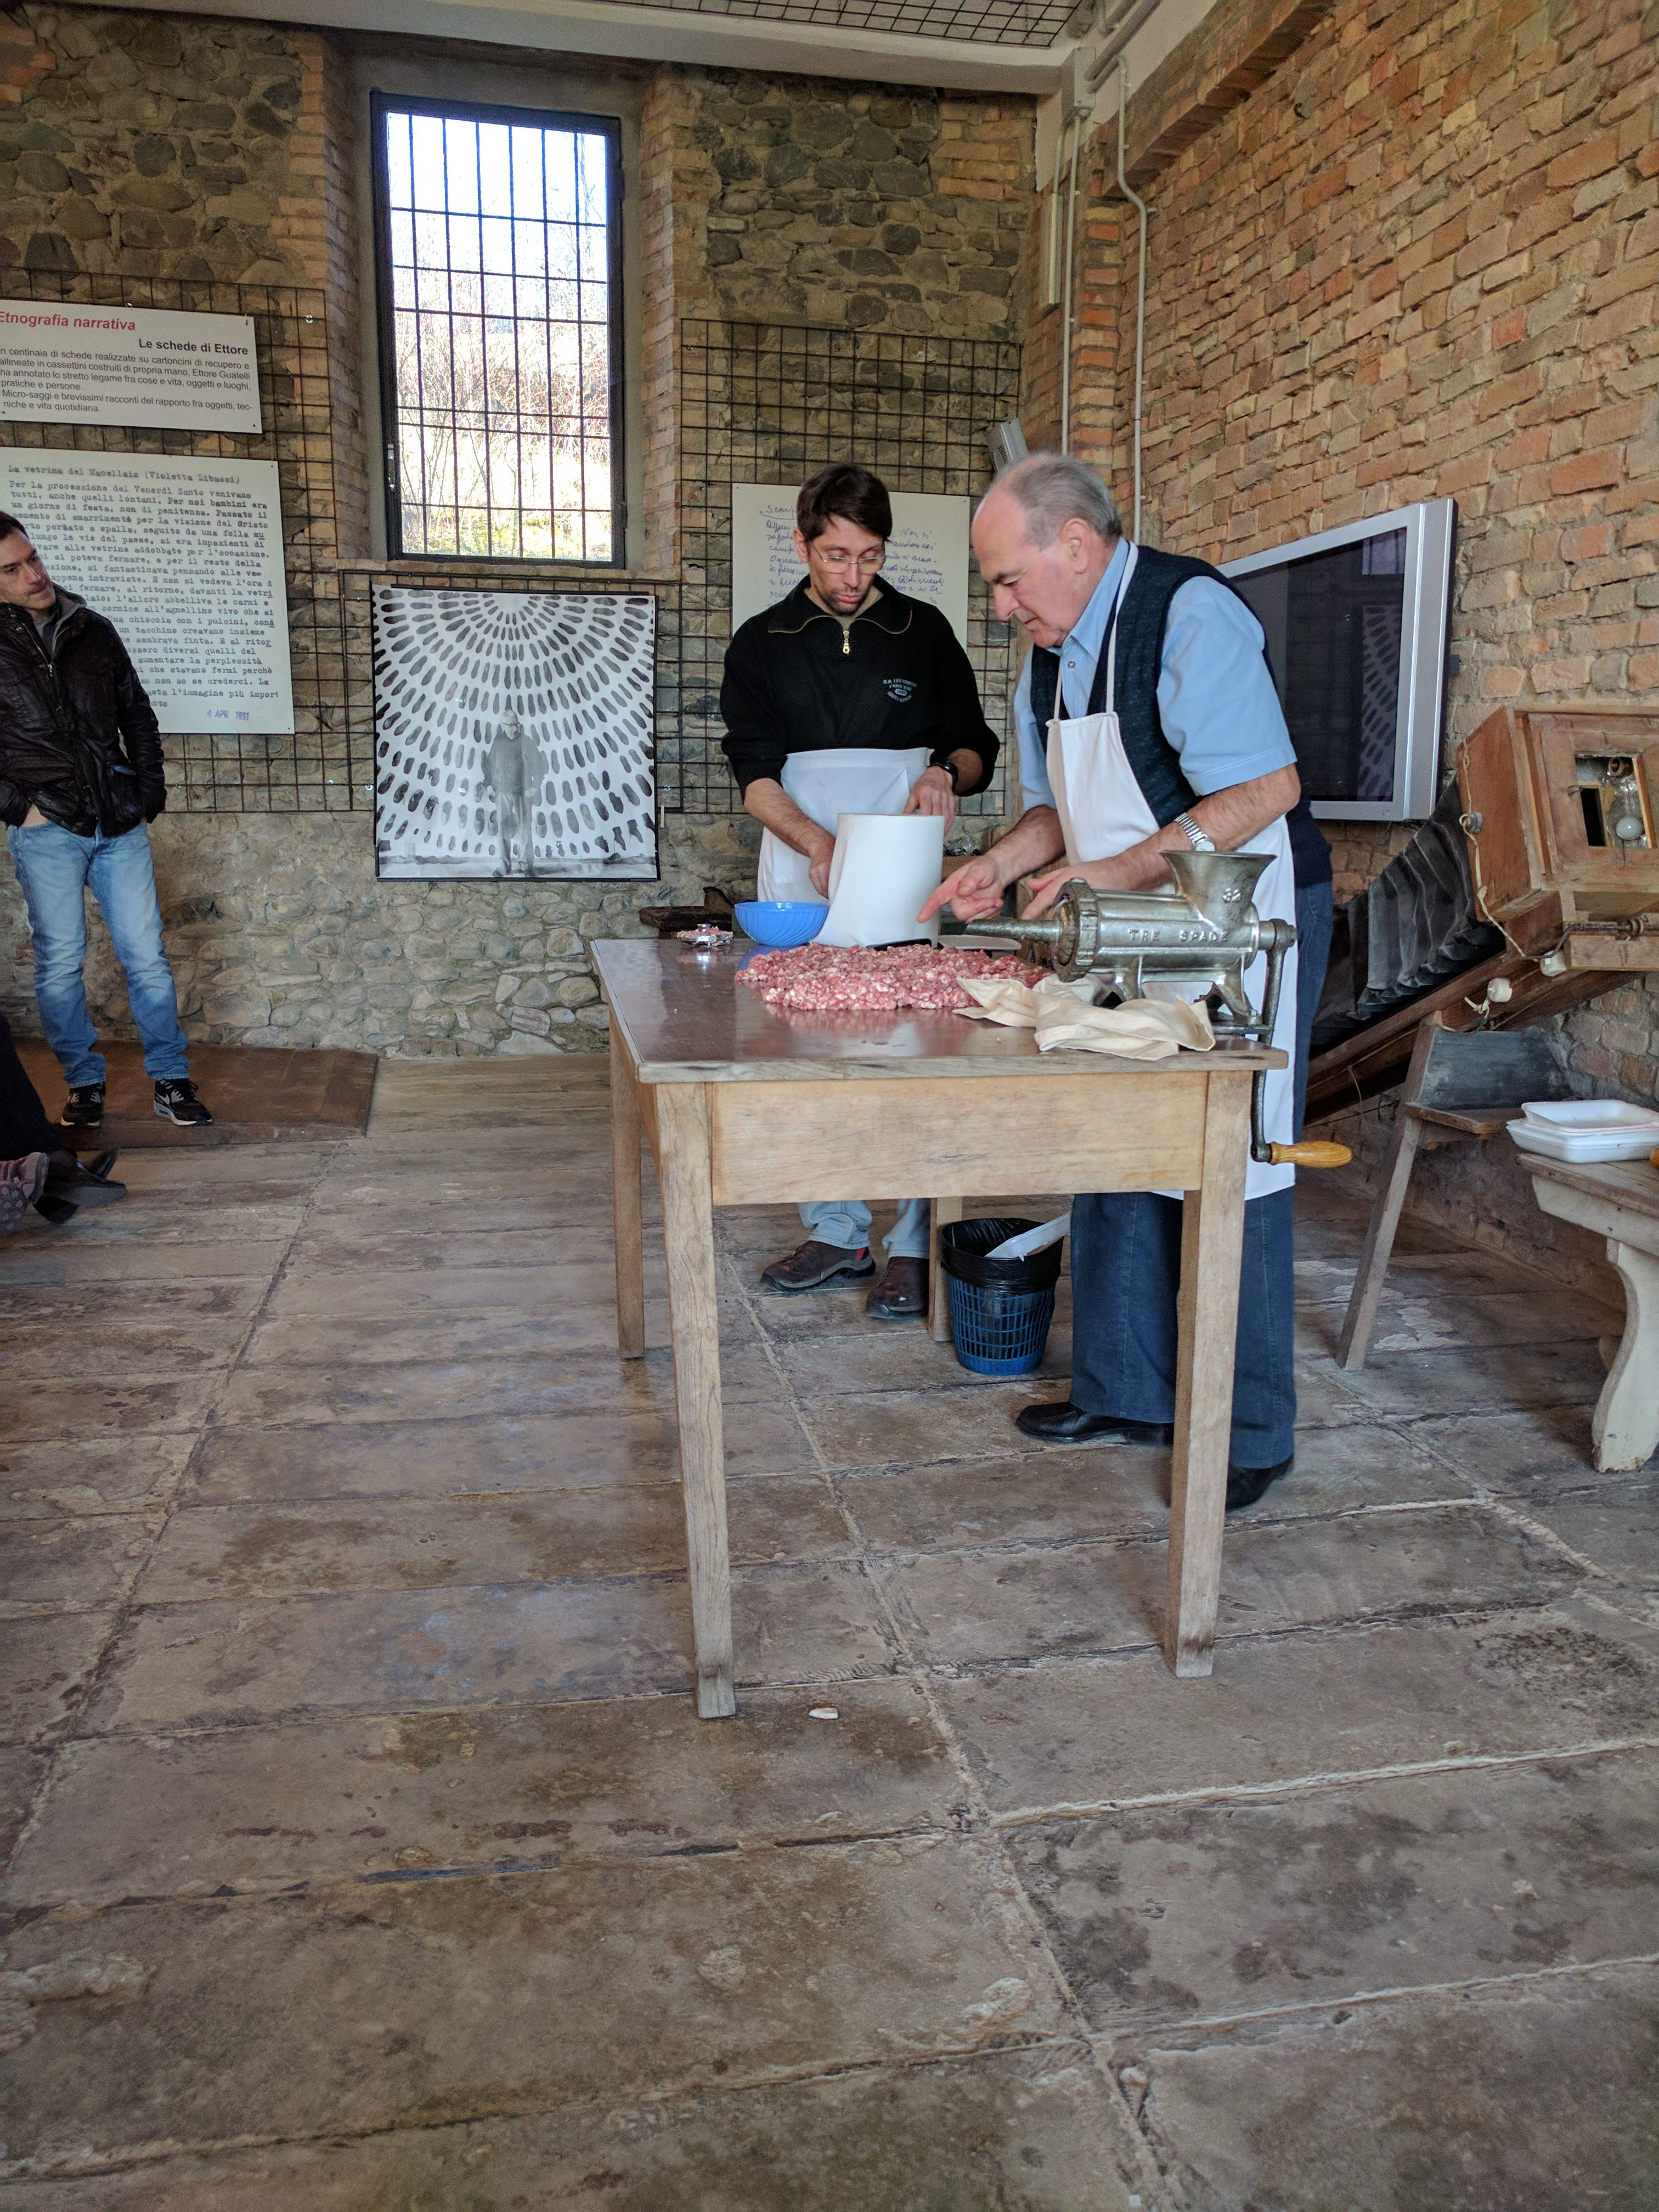 La carne macinata viene stesa sul piano di lavorazione ed ispezionata: vengono eliminati eventuali scarti, pezzi macinati male o altre parti che potrebbero dare fastidio in bocca.